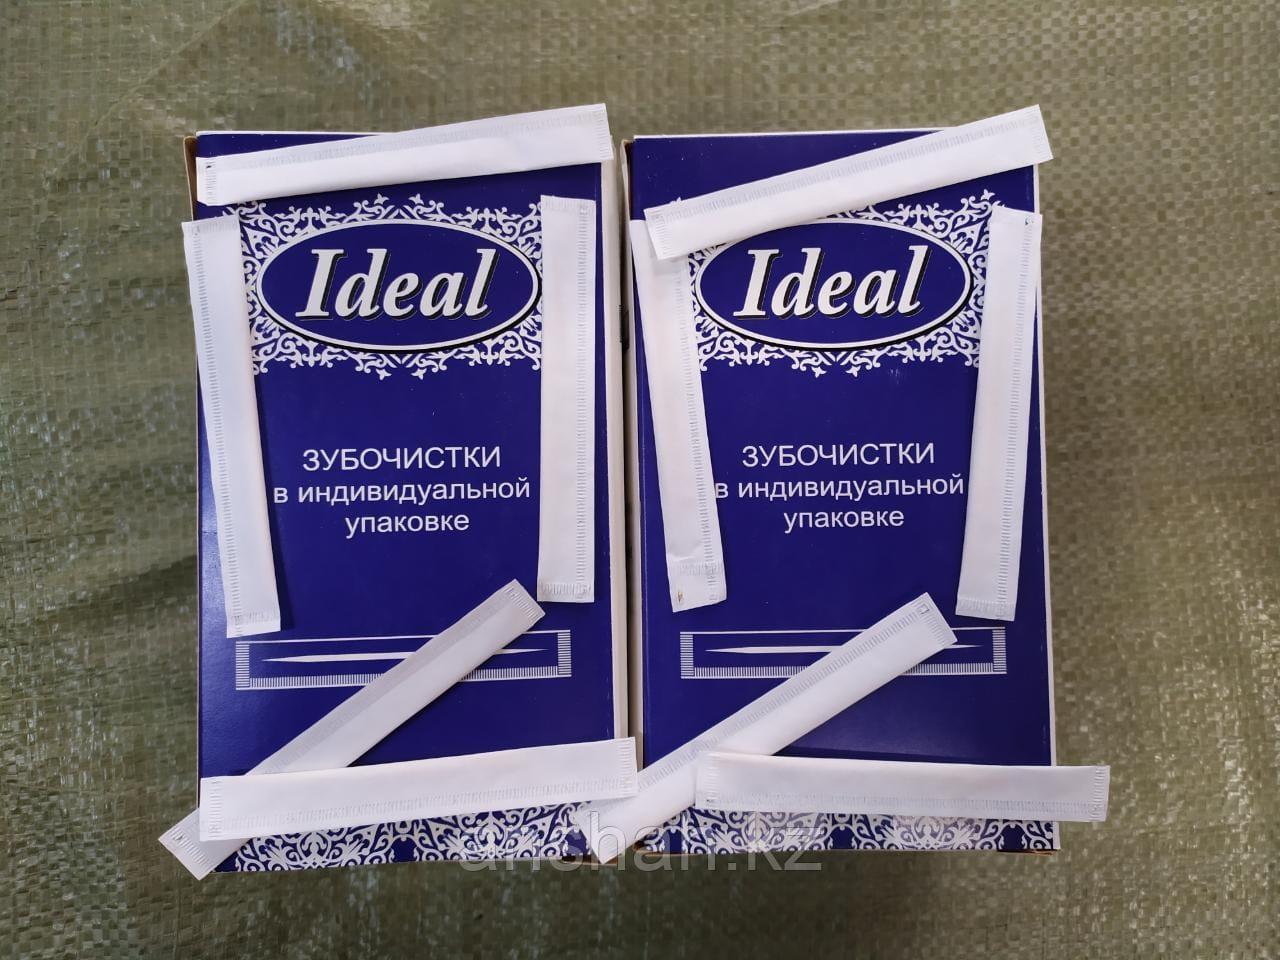 Зубочистки Ideal в индивидуальной упаковке